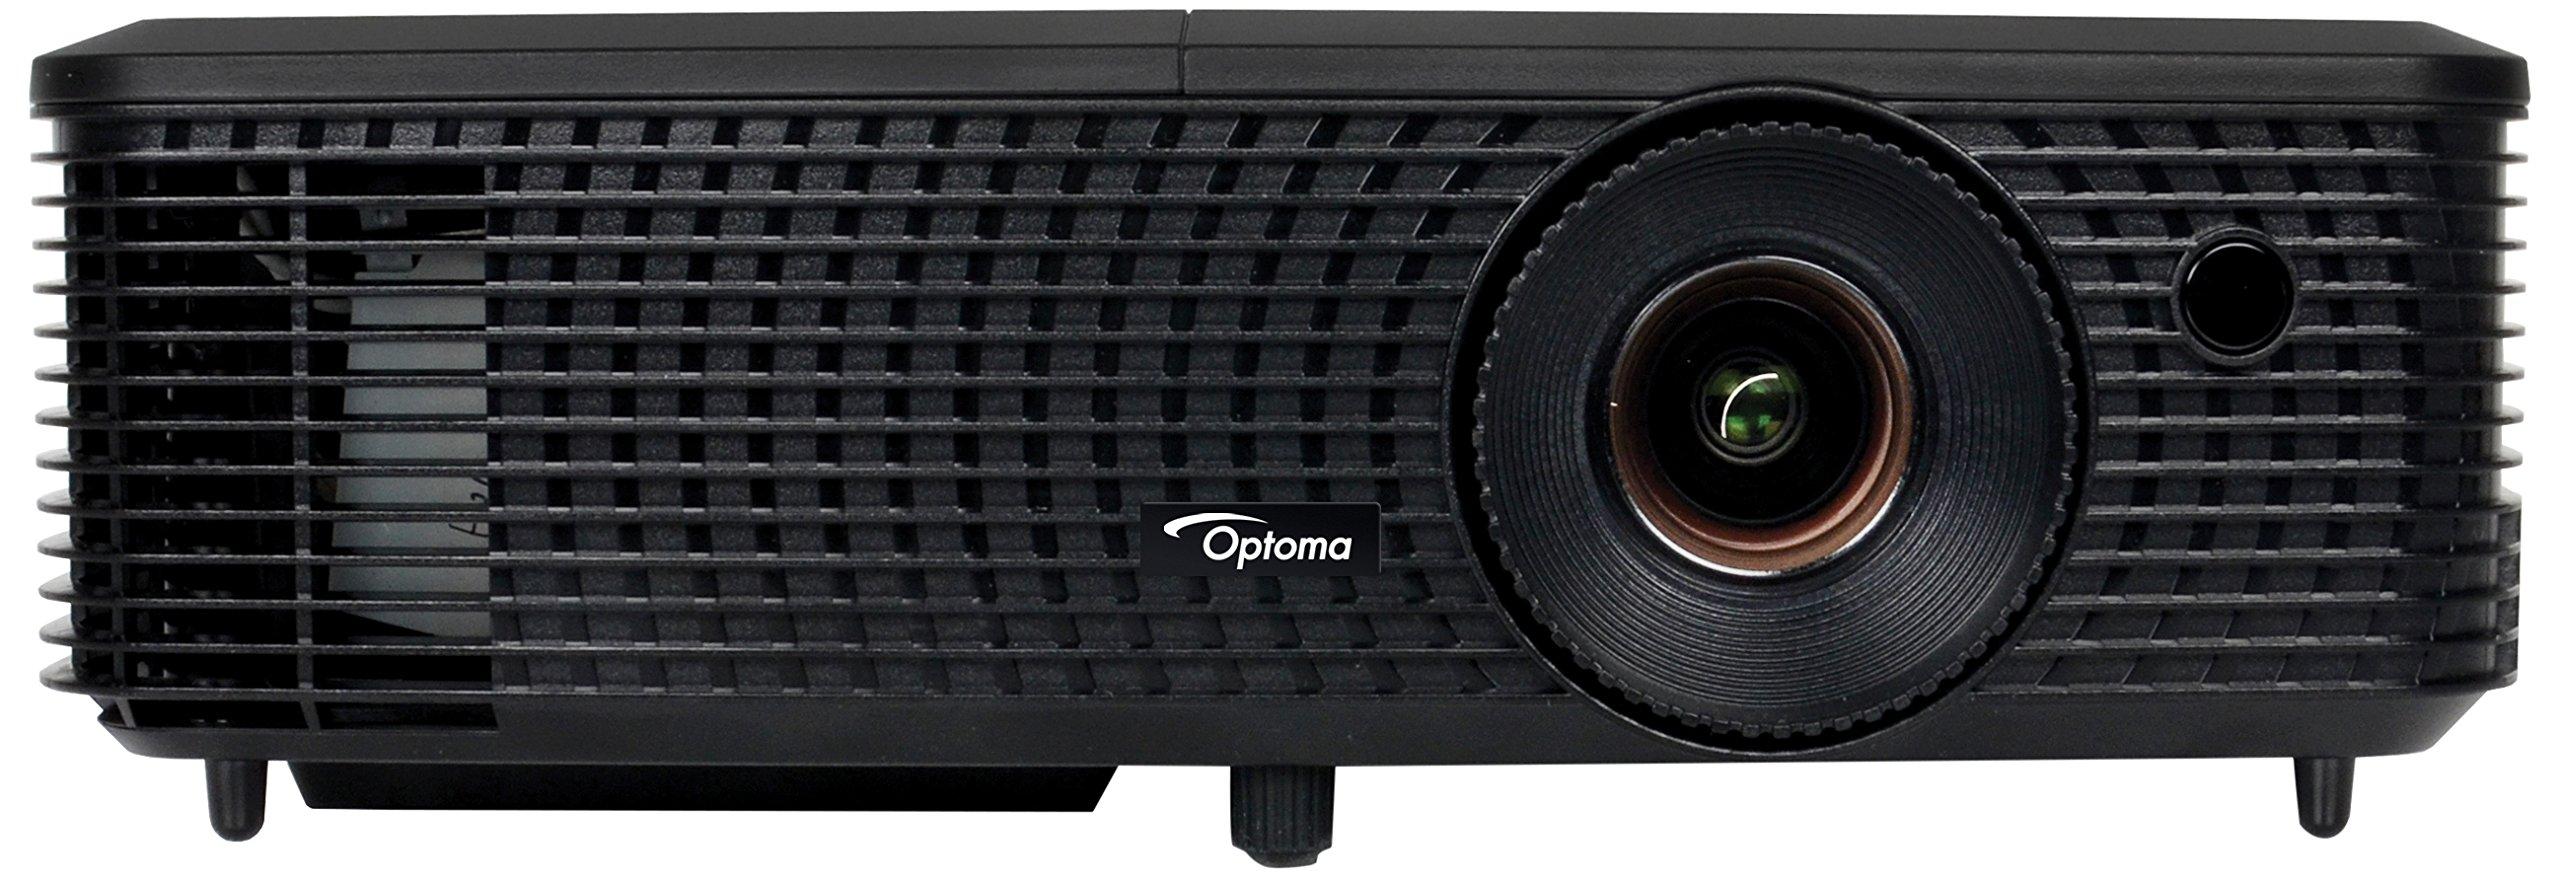 81SGDmDSl5L - Optoma DS348 SVGA DLP HDMI 3000 Lumens Full 3D Projector - Black